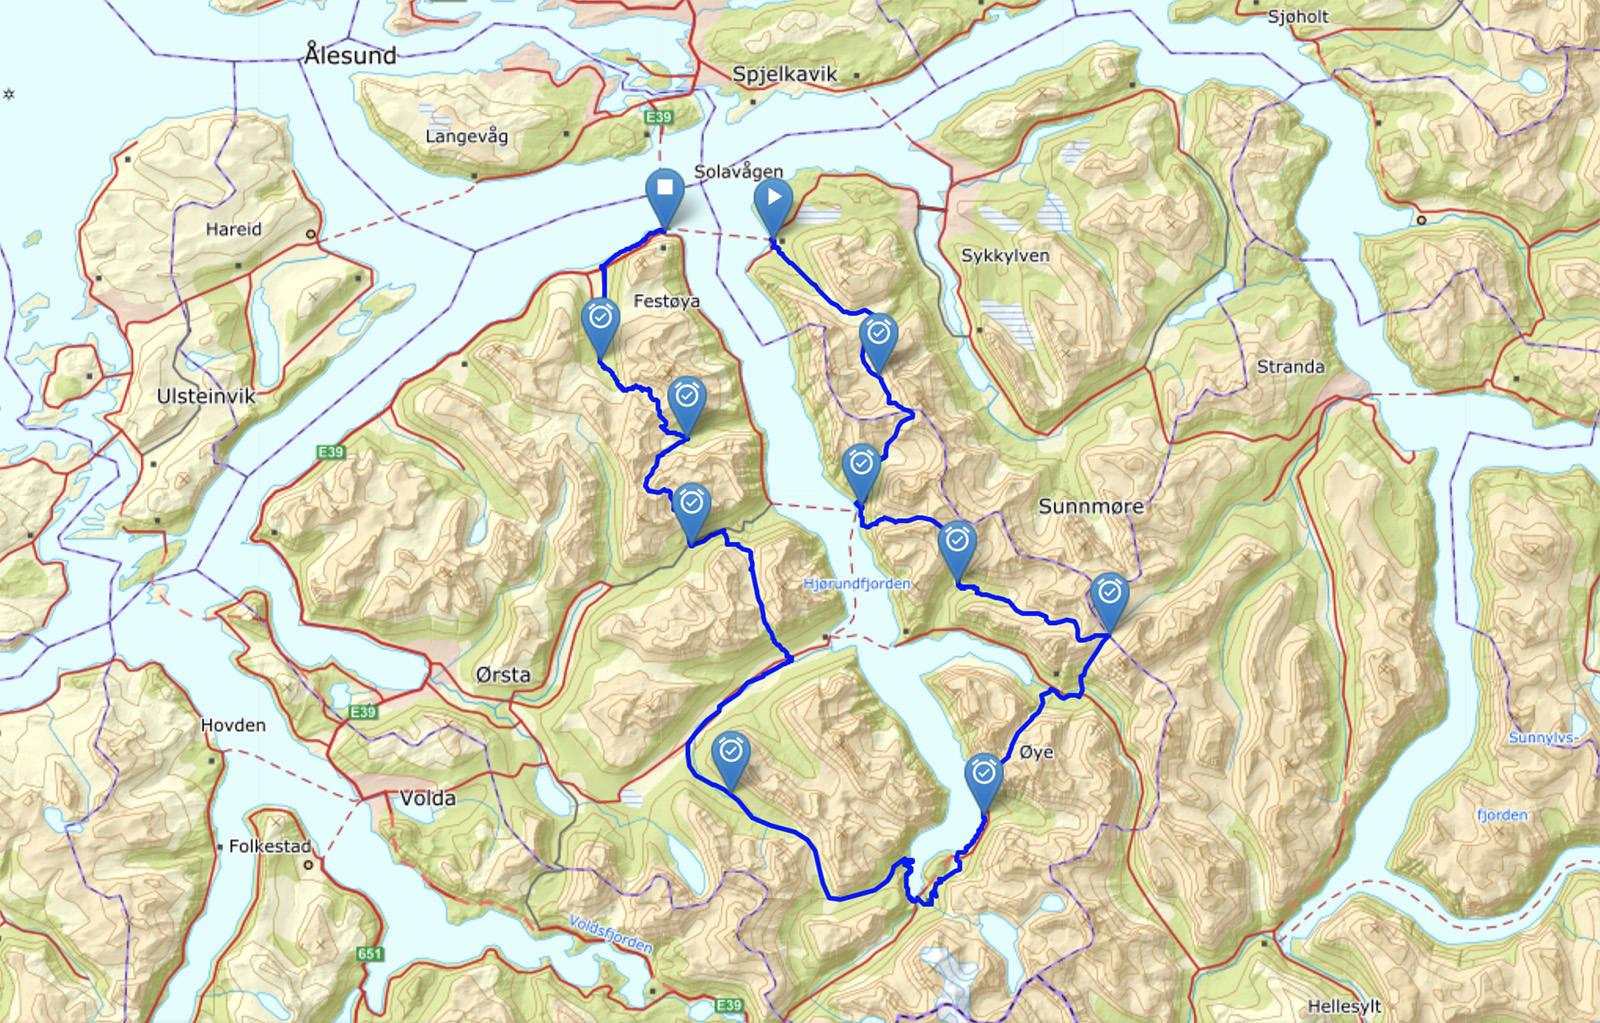 Her ser du ruta de har valgt å løpe, for å få med seg så mye terreng som mulig. Kart: Kartverket